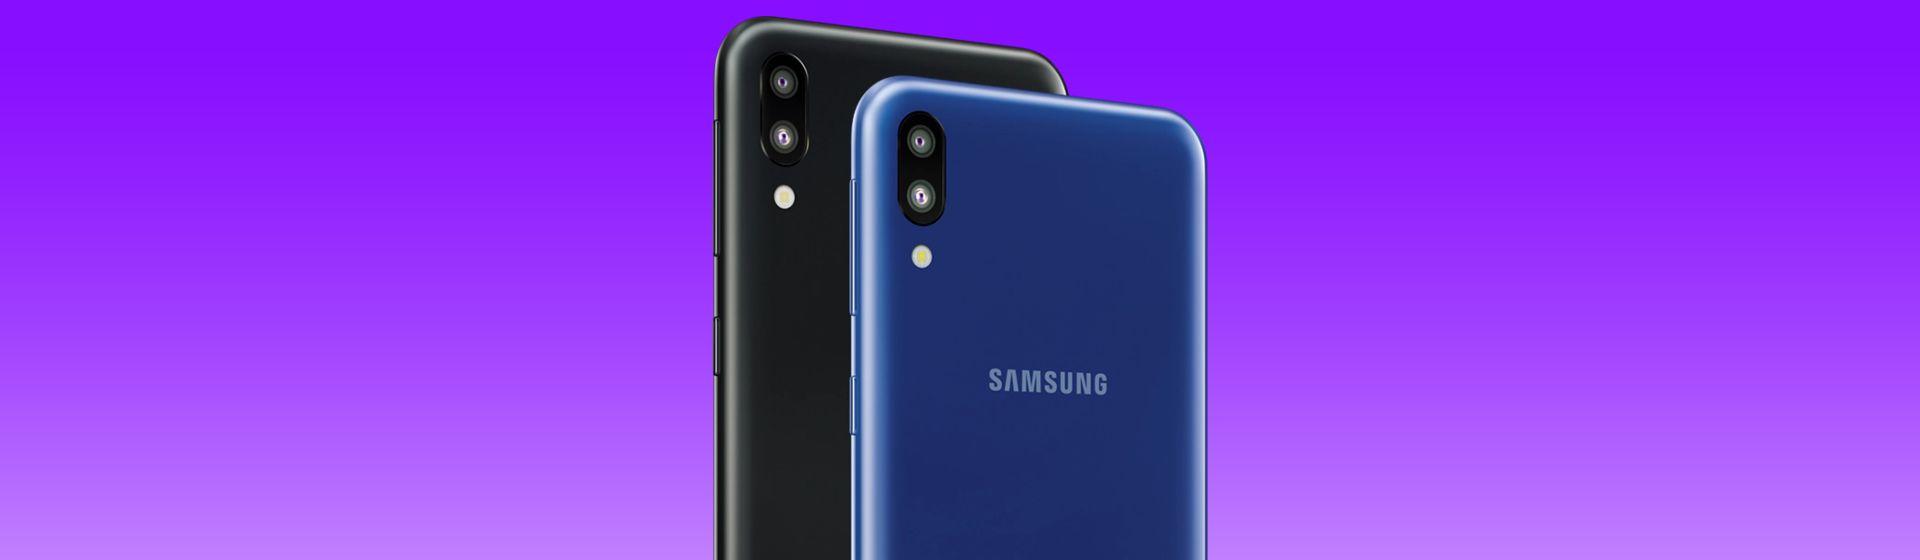 Galaxy M10 vale a pena? Analisamos preço e ficha técnica do celular Samsung